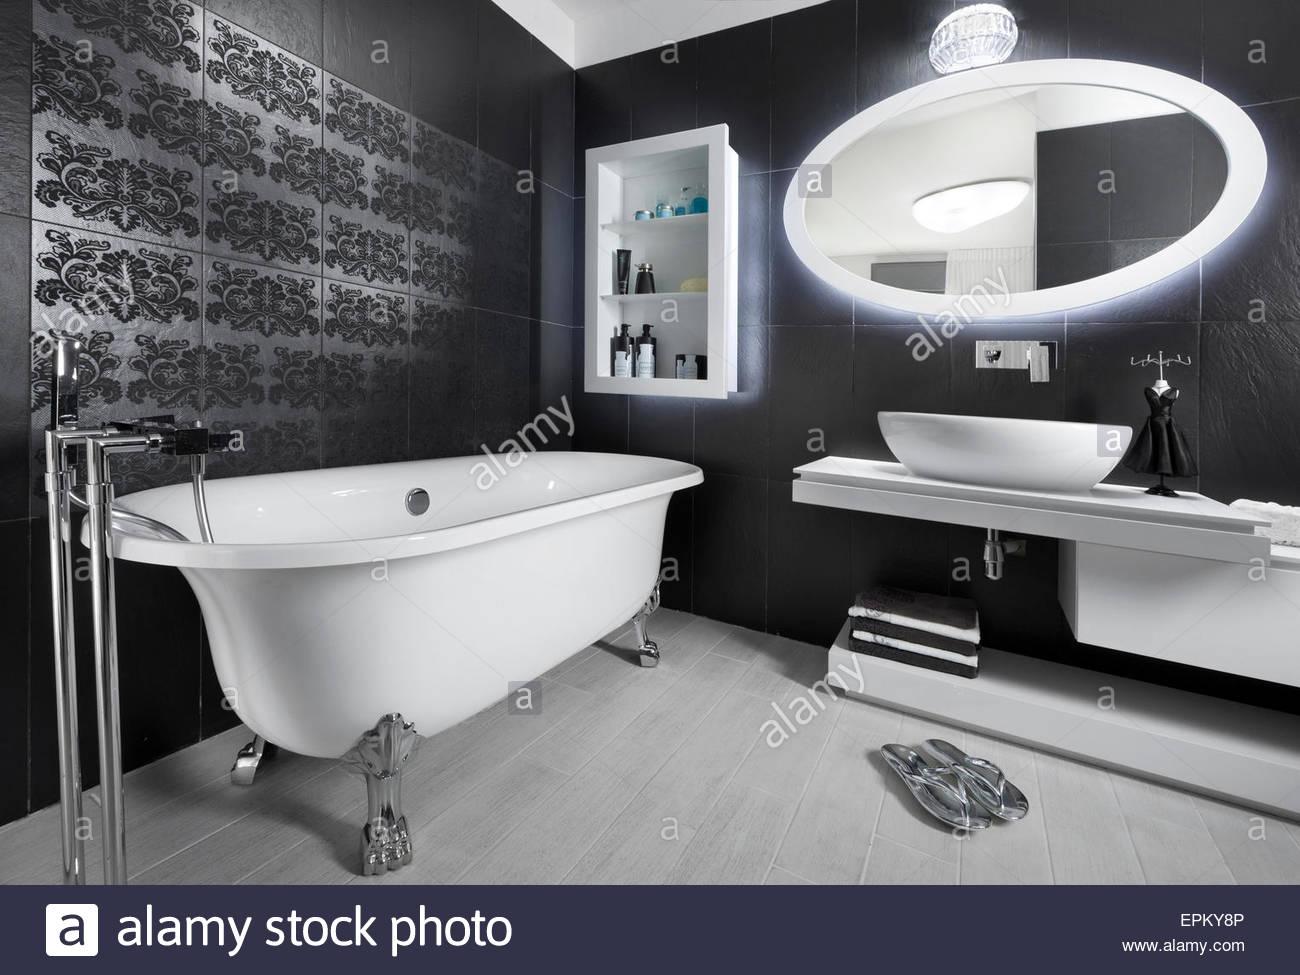 Vasca Da Bagno Piedini : Vasca da bagno tradizionale con piedini di appoggio finitura